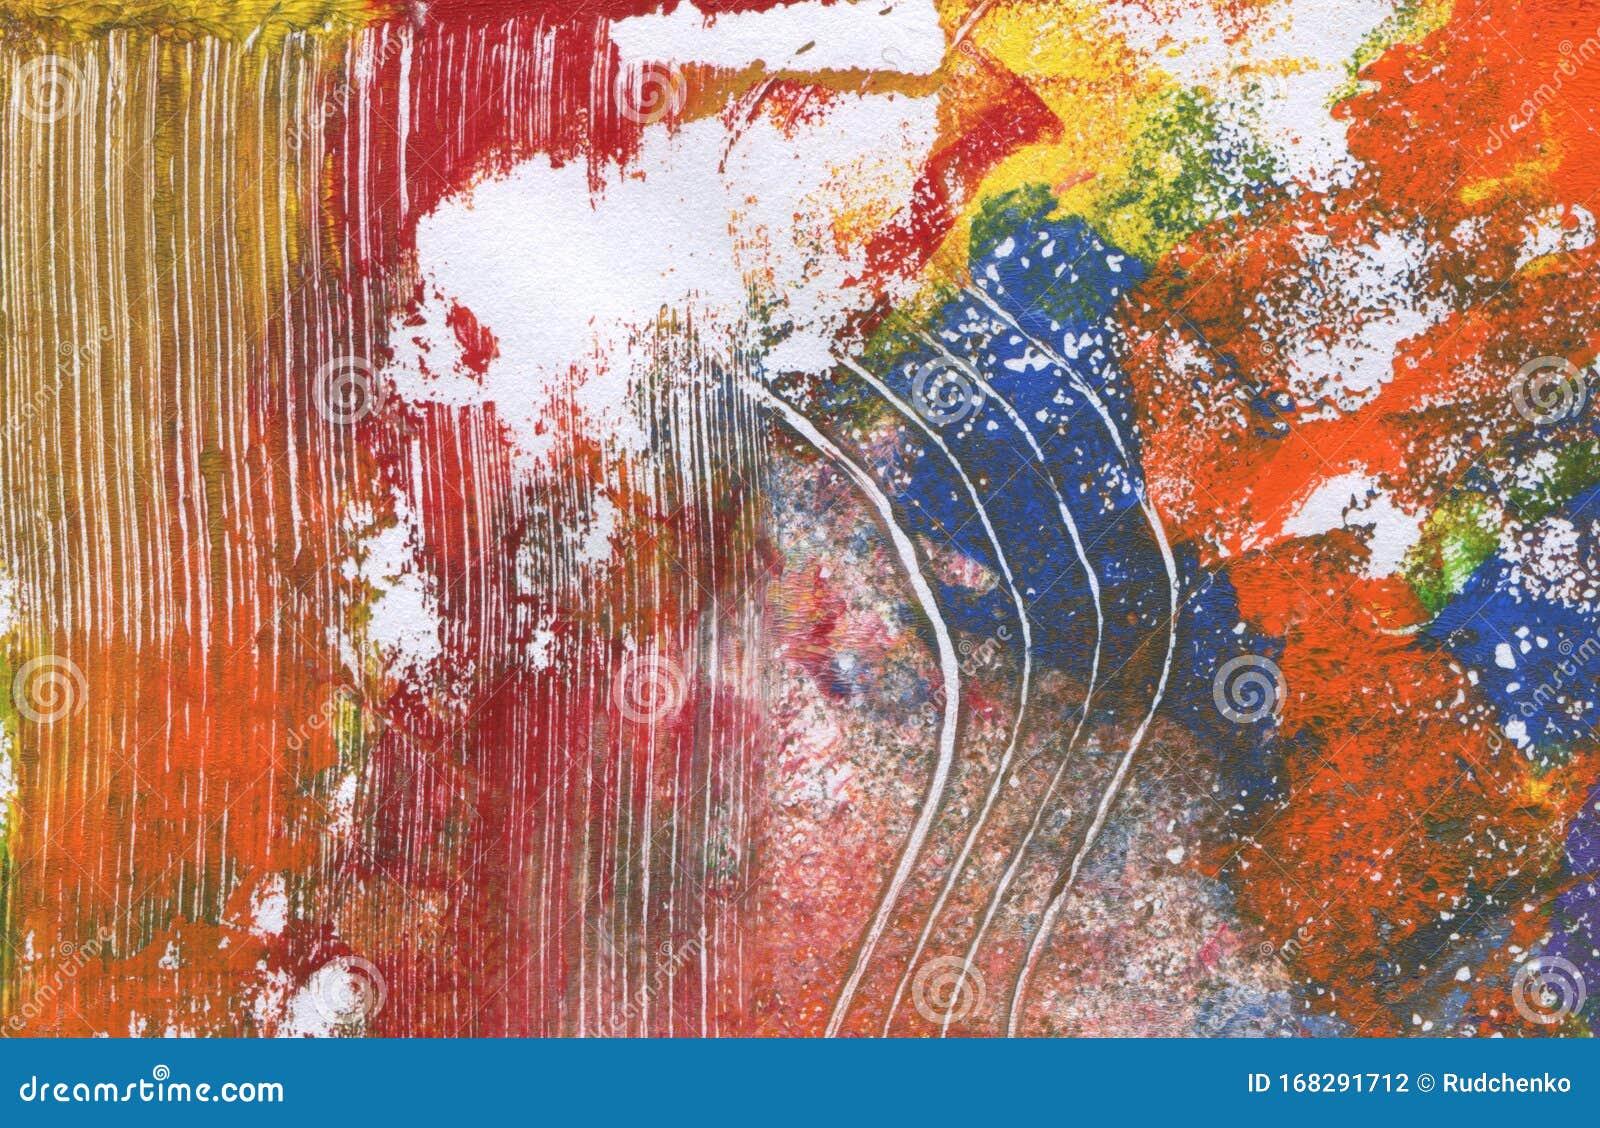 Grunge Stempel Vorlage Fotos Kostenlose Und Royalty Free Stock Fotos Von Dreamstime